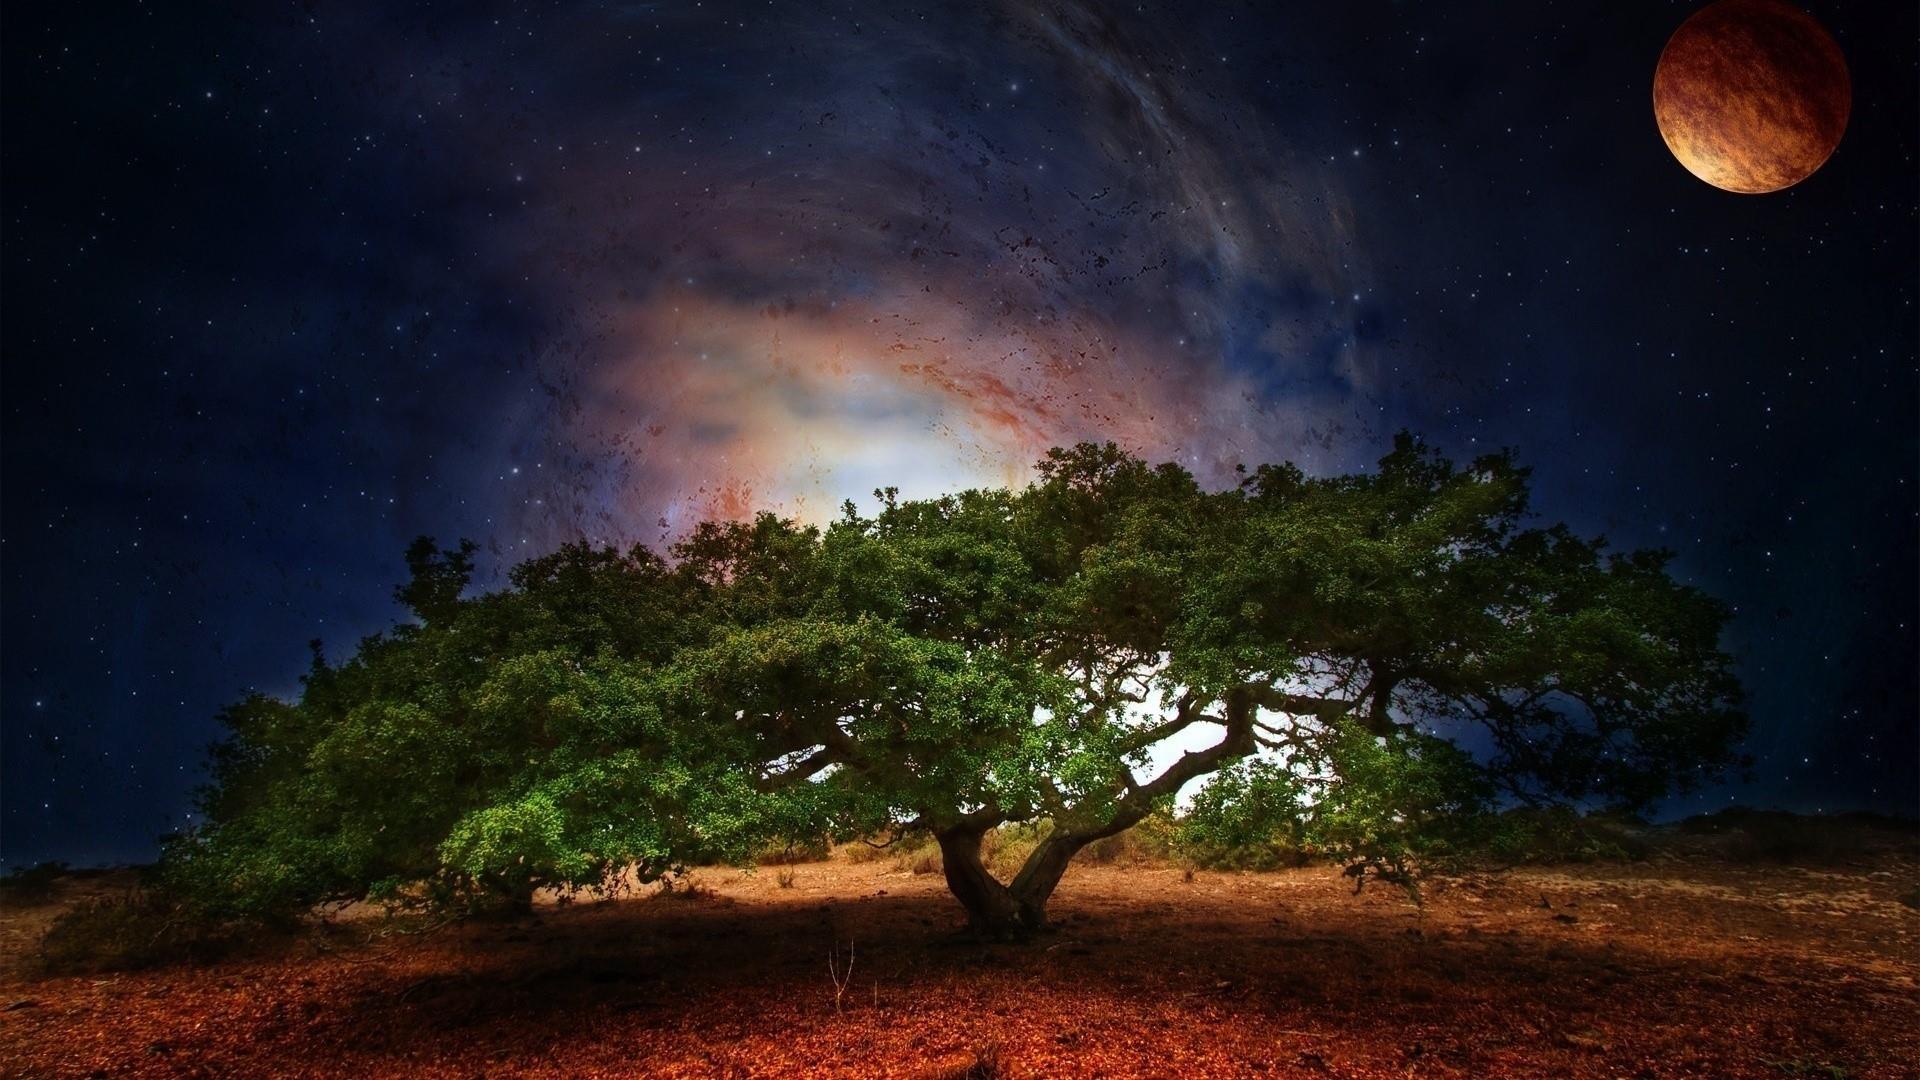 Lone tree fantasy art wallpaper